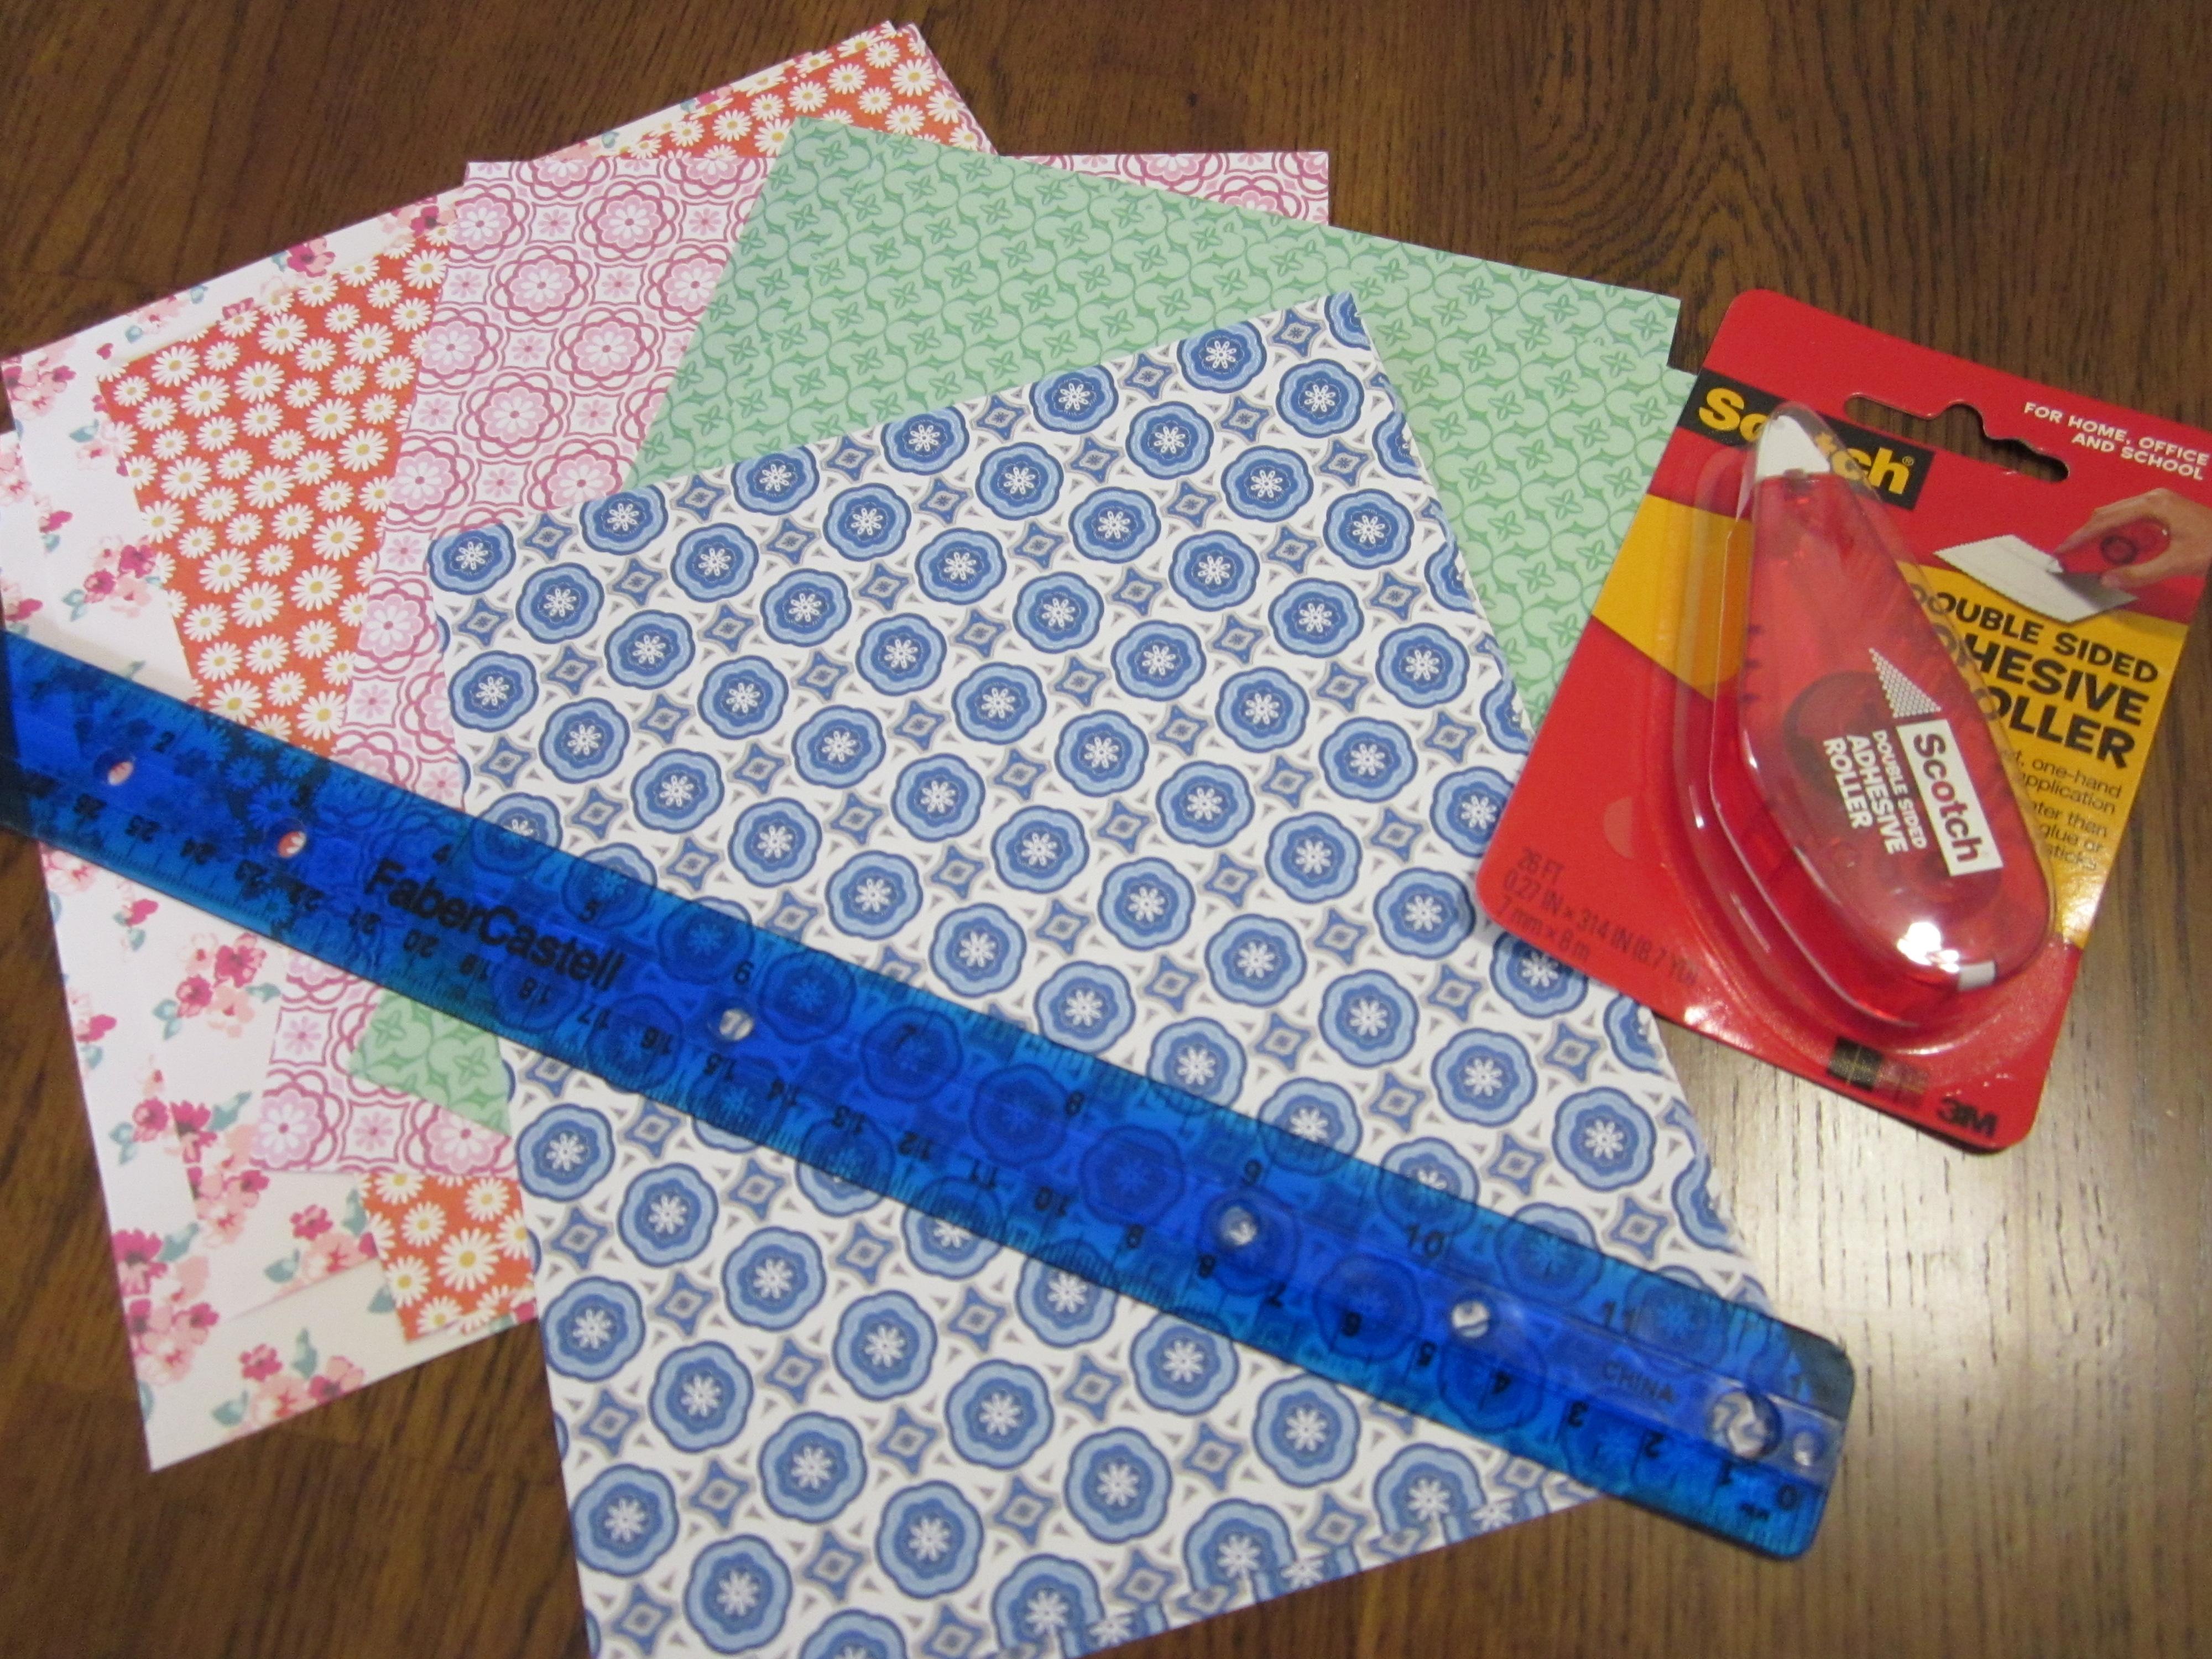 How to scrapbook materials - Paper Pockets Materials